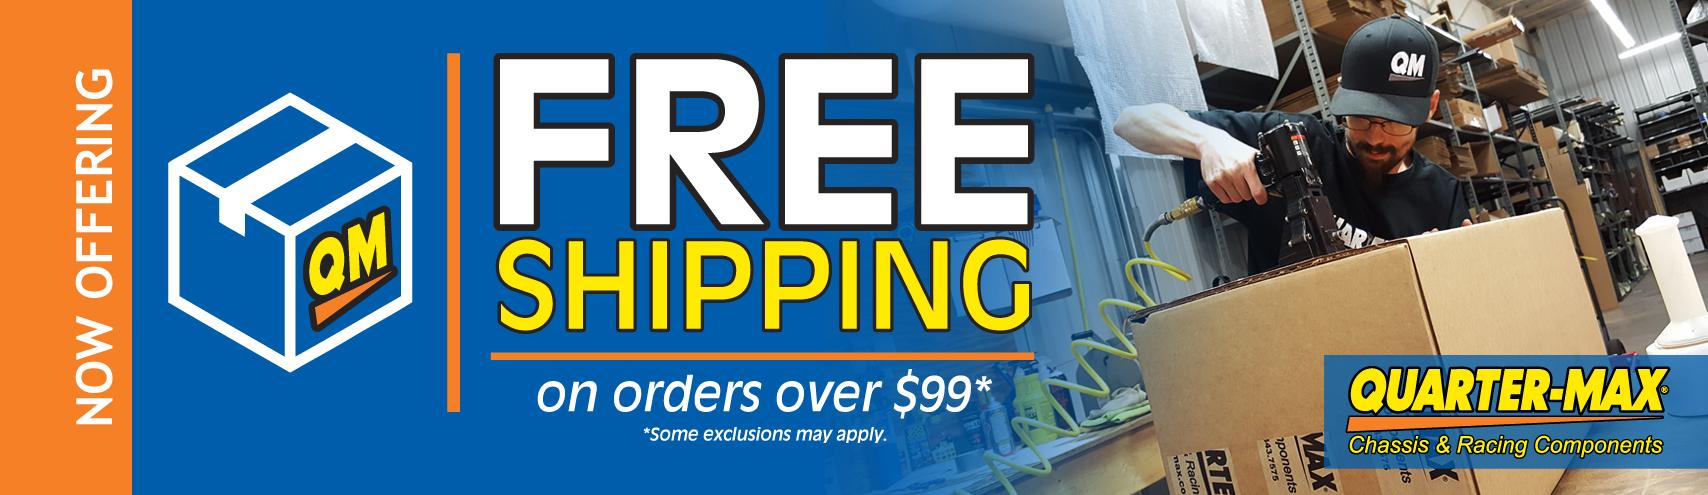 Get Free Shipping at Quarter-Max!